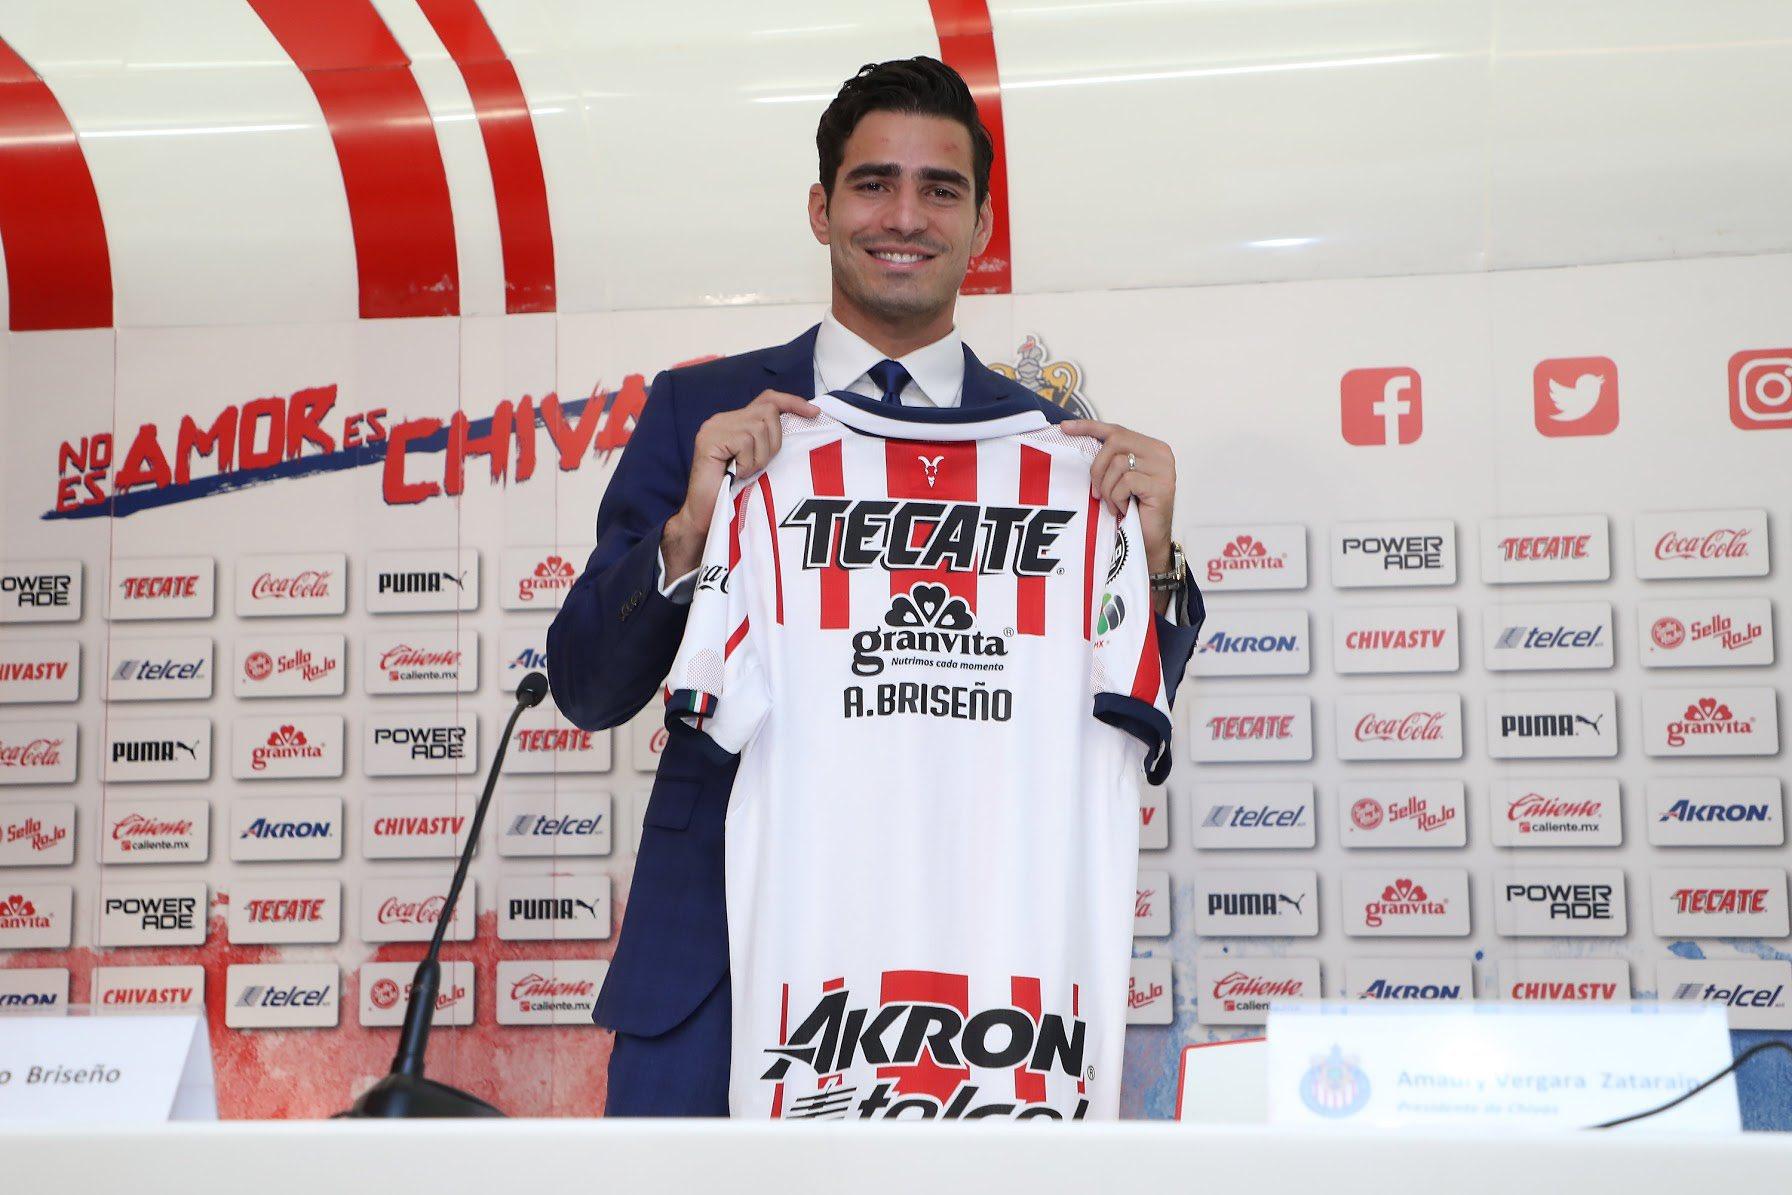 Antonio Briseño buscará ganarse un lugar en Chivas. Foto: Twitter